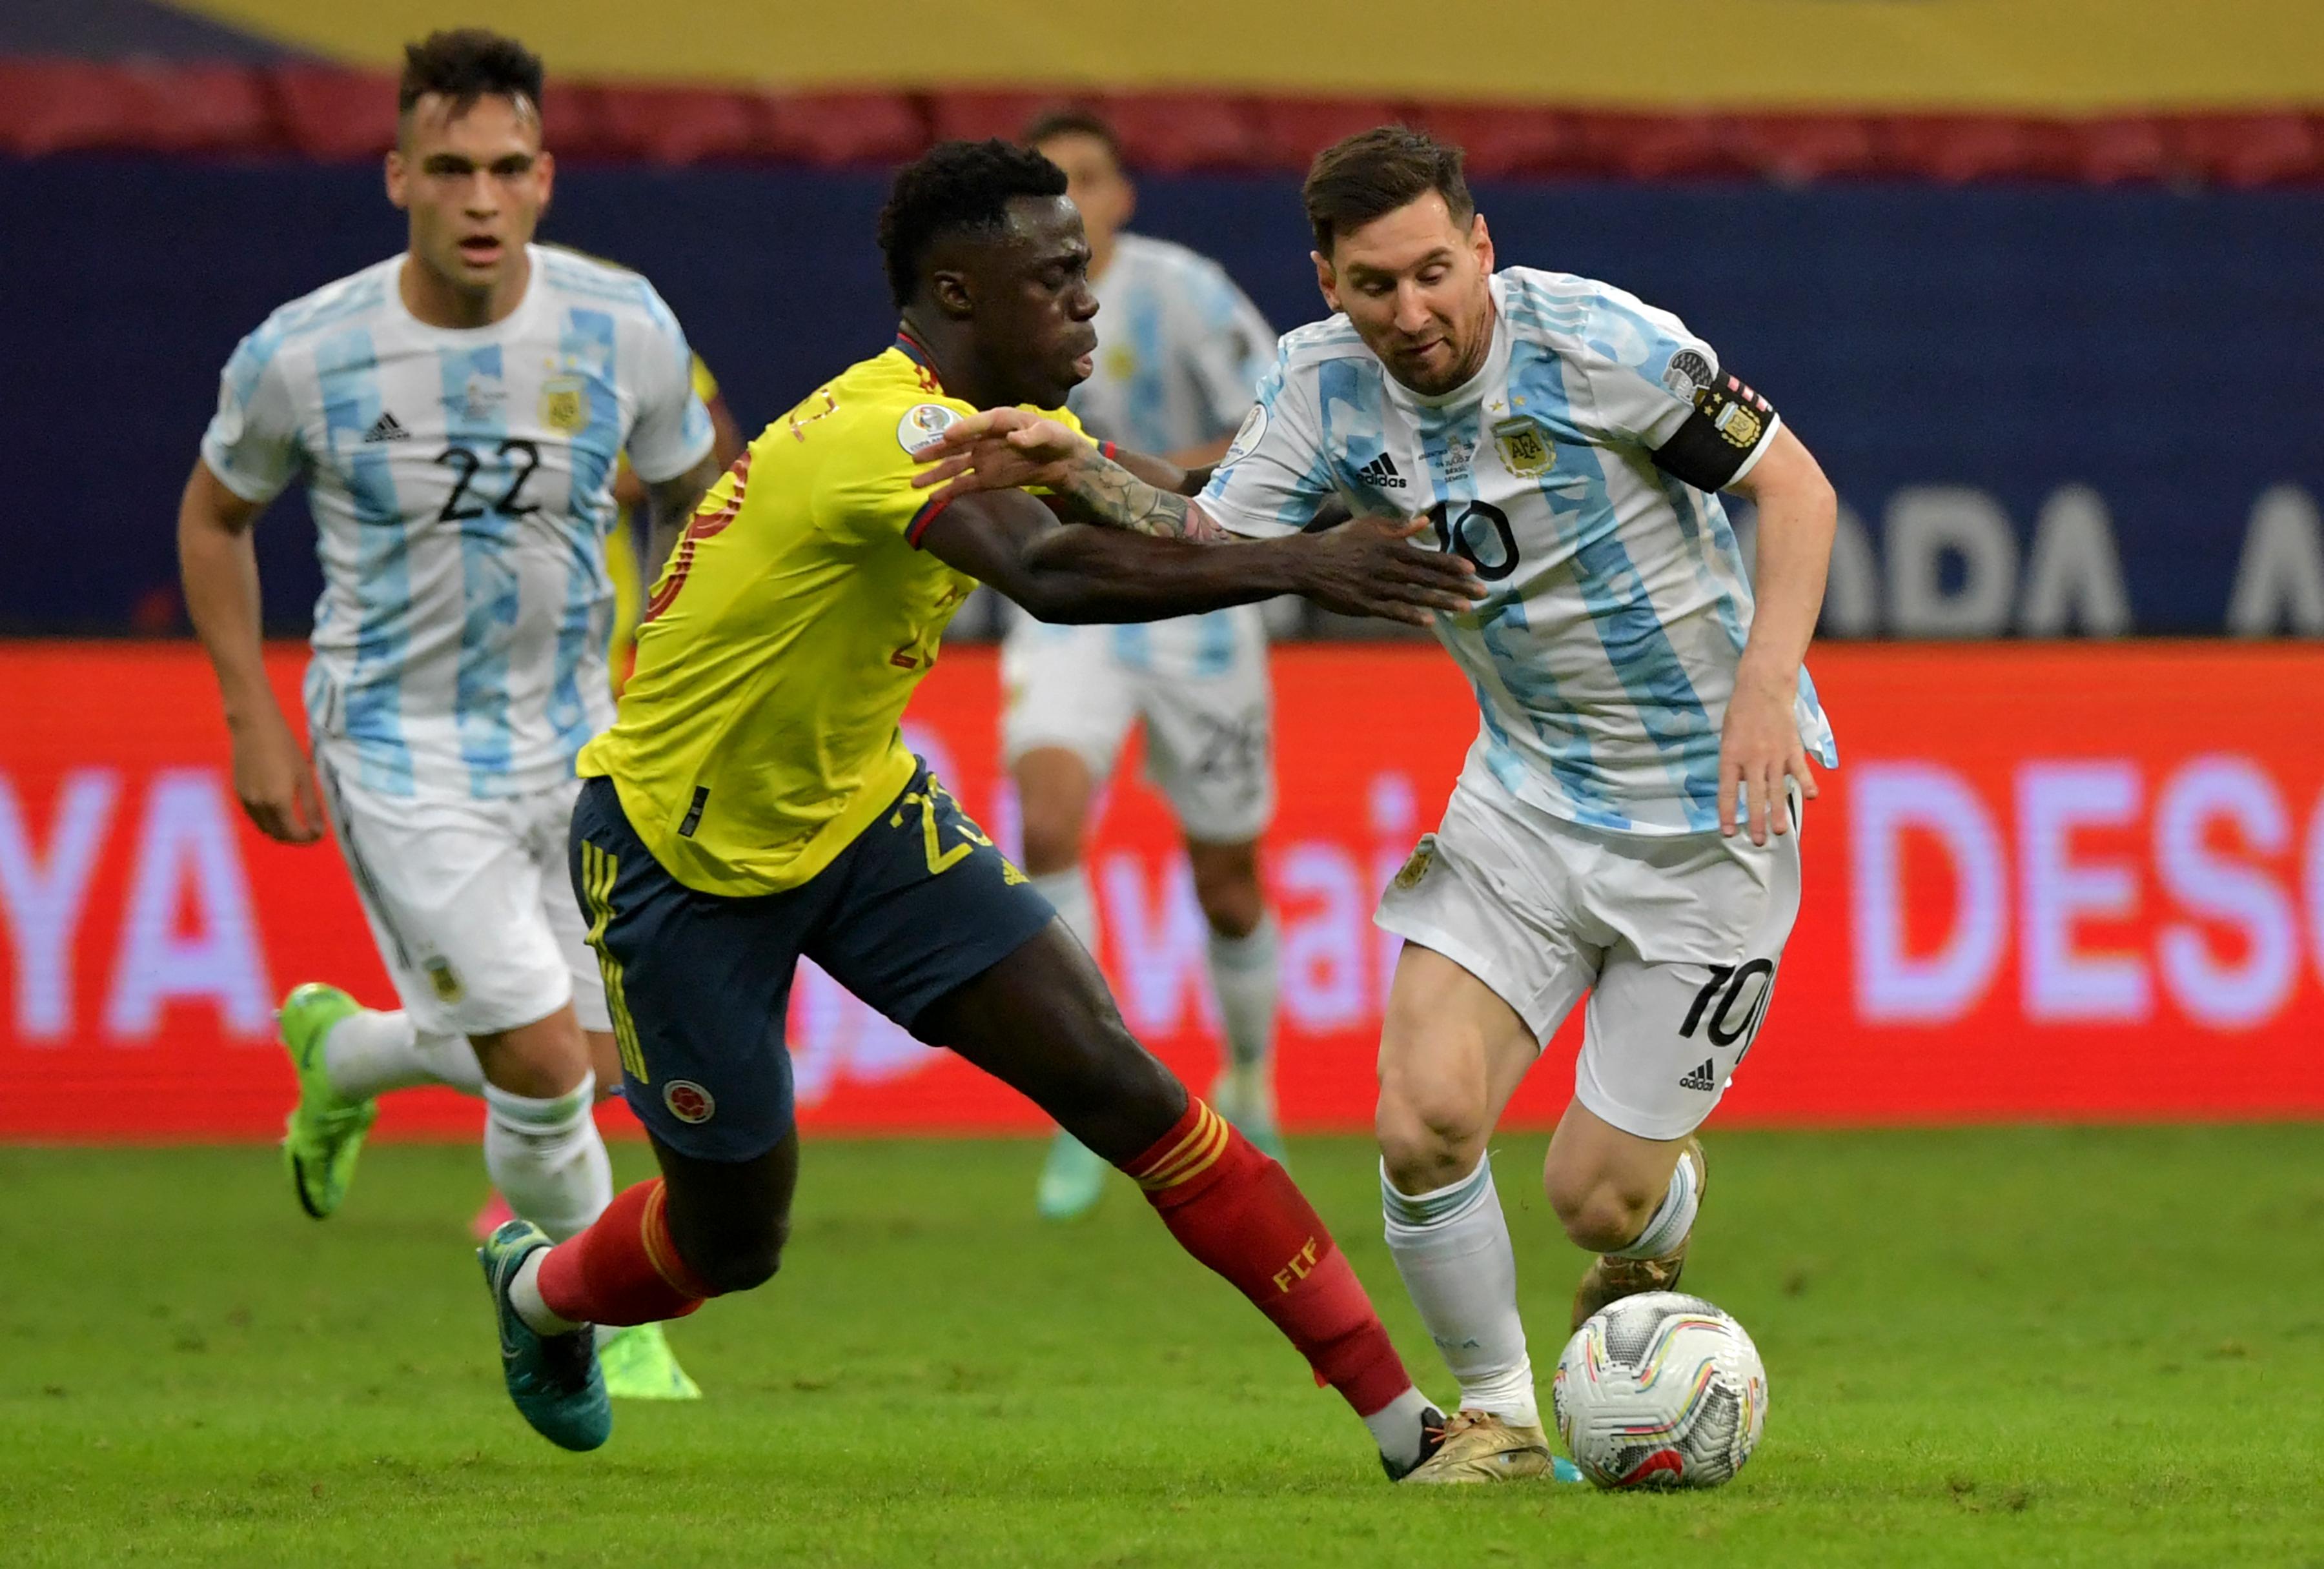 كوبا امريكا.. ميسي يبدي سعادته بتاهل الارجنتين الى المباراة النهائية